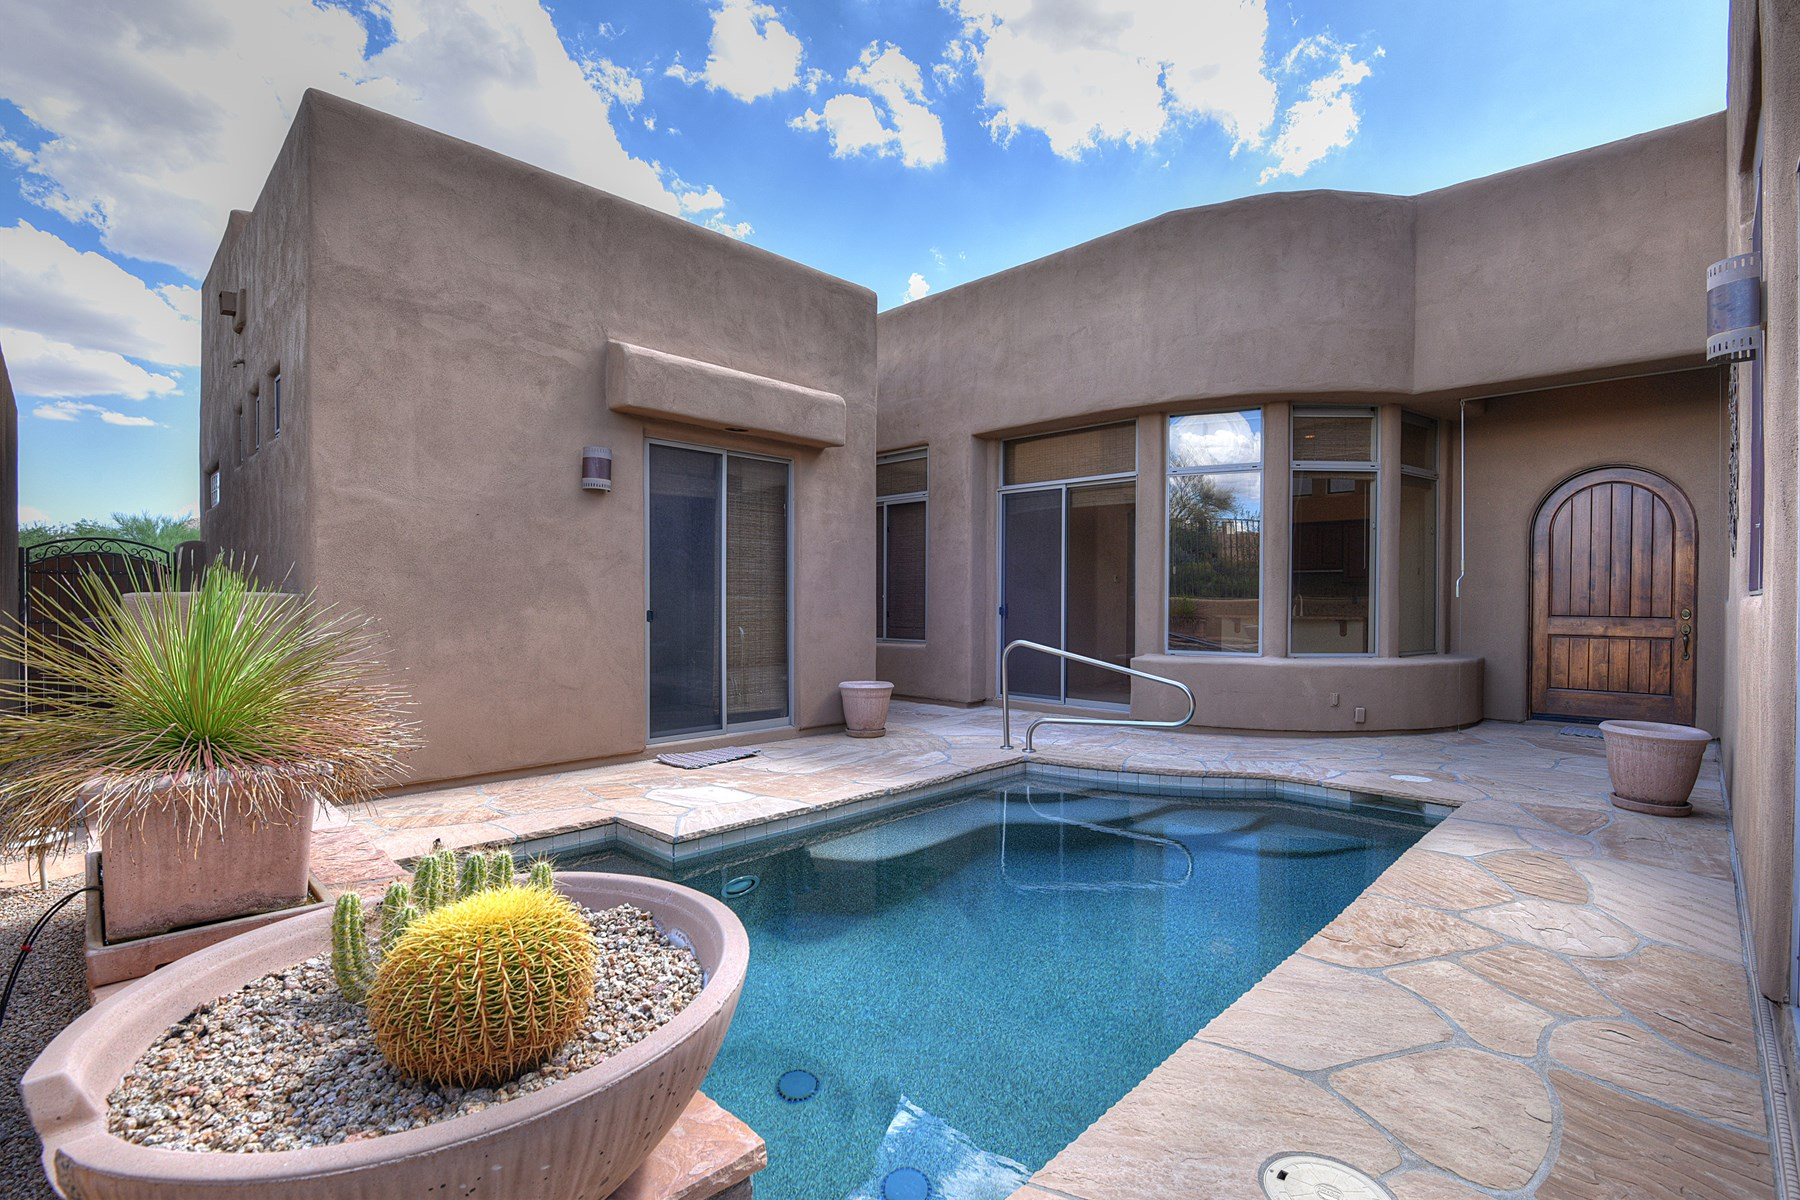 Tek Ailelik Ev için Satış at Gated Troon North residence in Pinnacle Canyon 10862 E RUNNING DEER TRL Scottsdale, Arizona 85262 Amerika Birleşik Devletleri